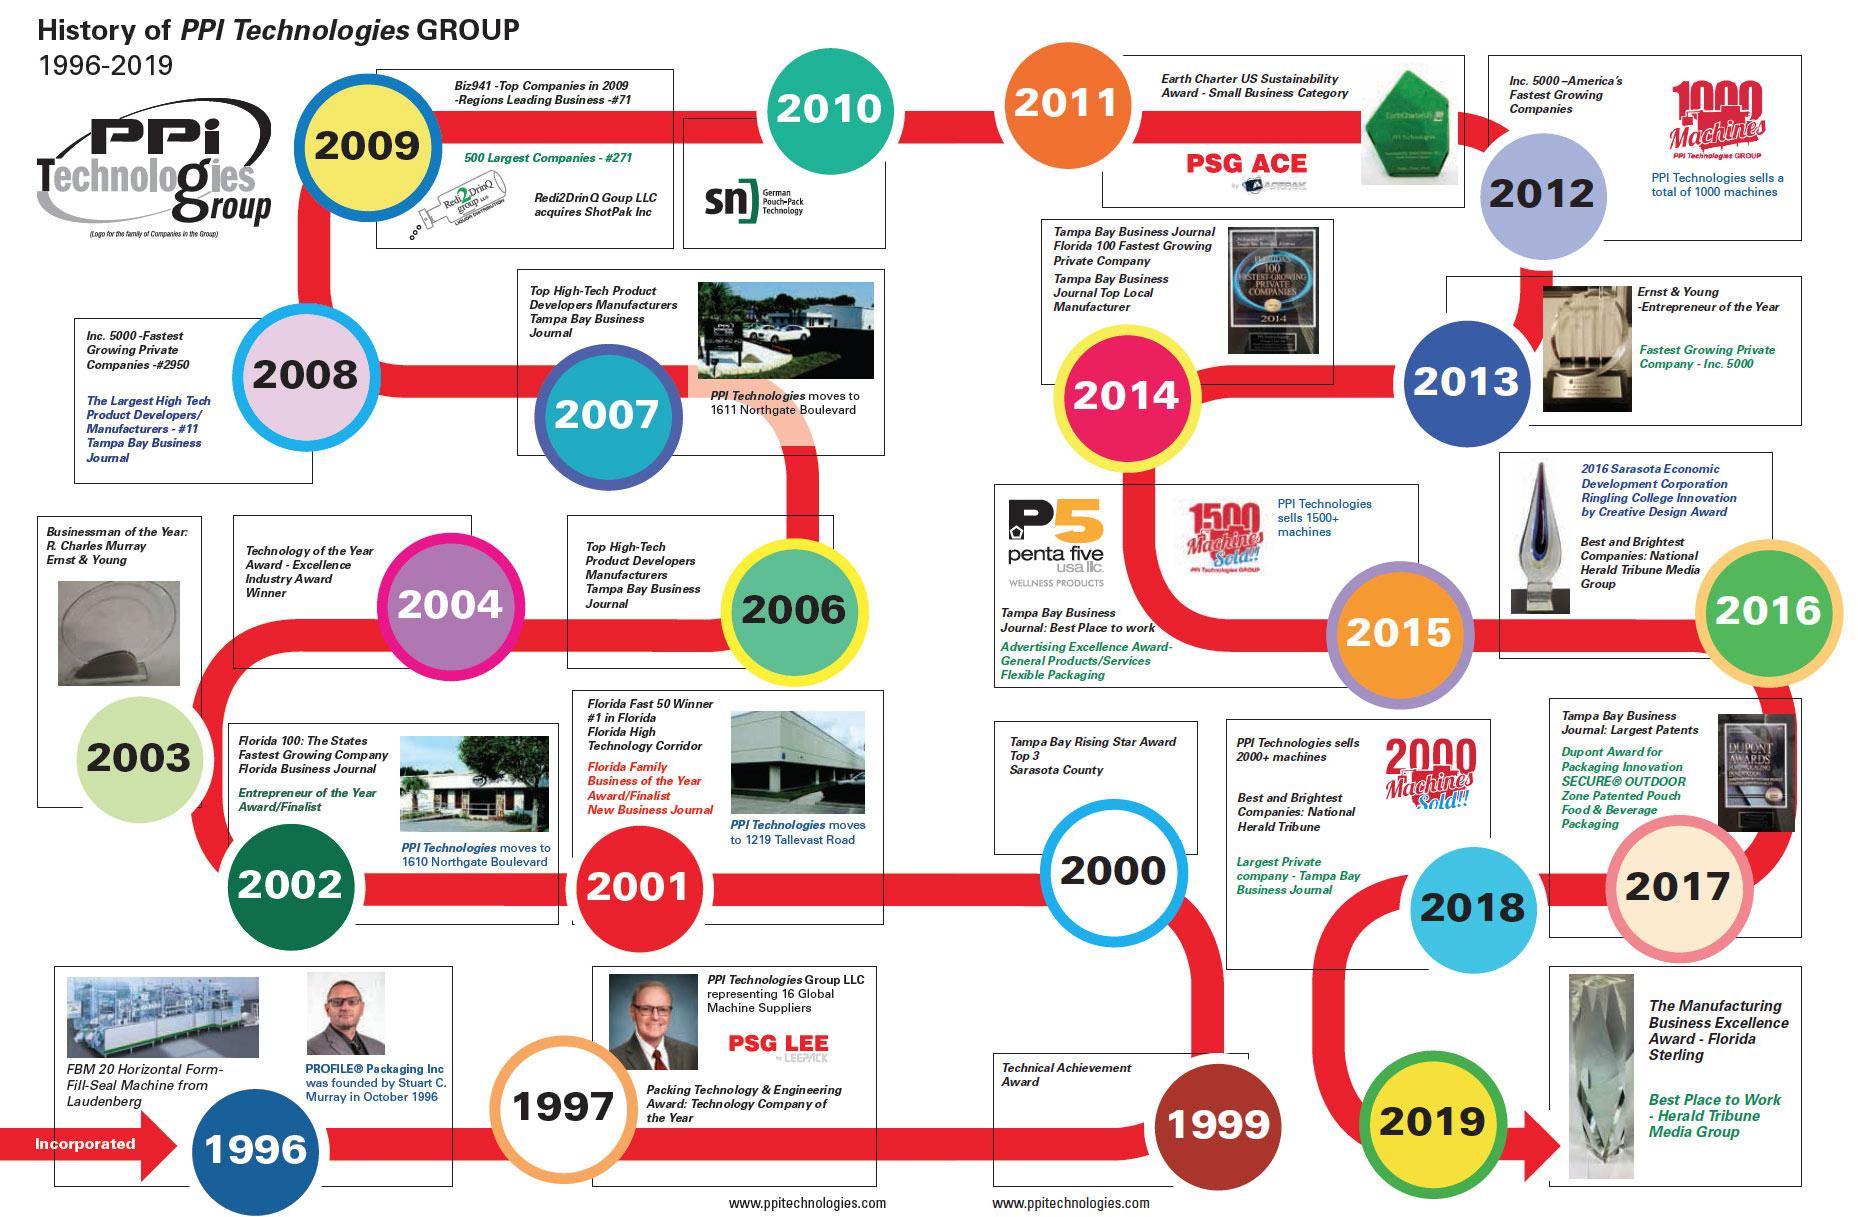 PPiTG History Timeline